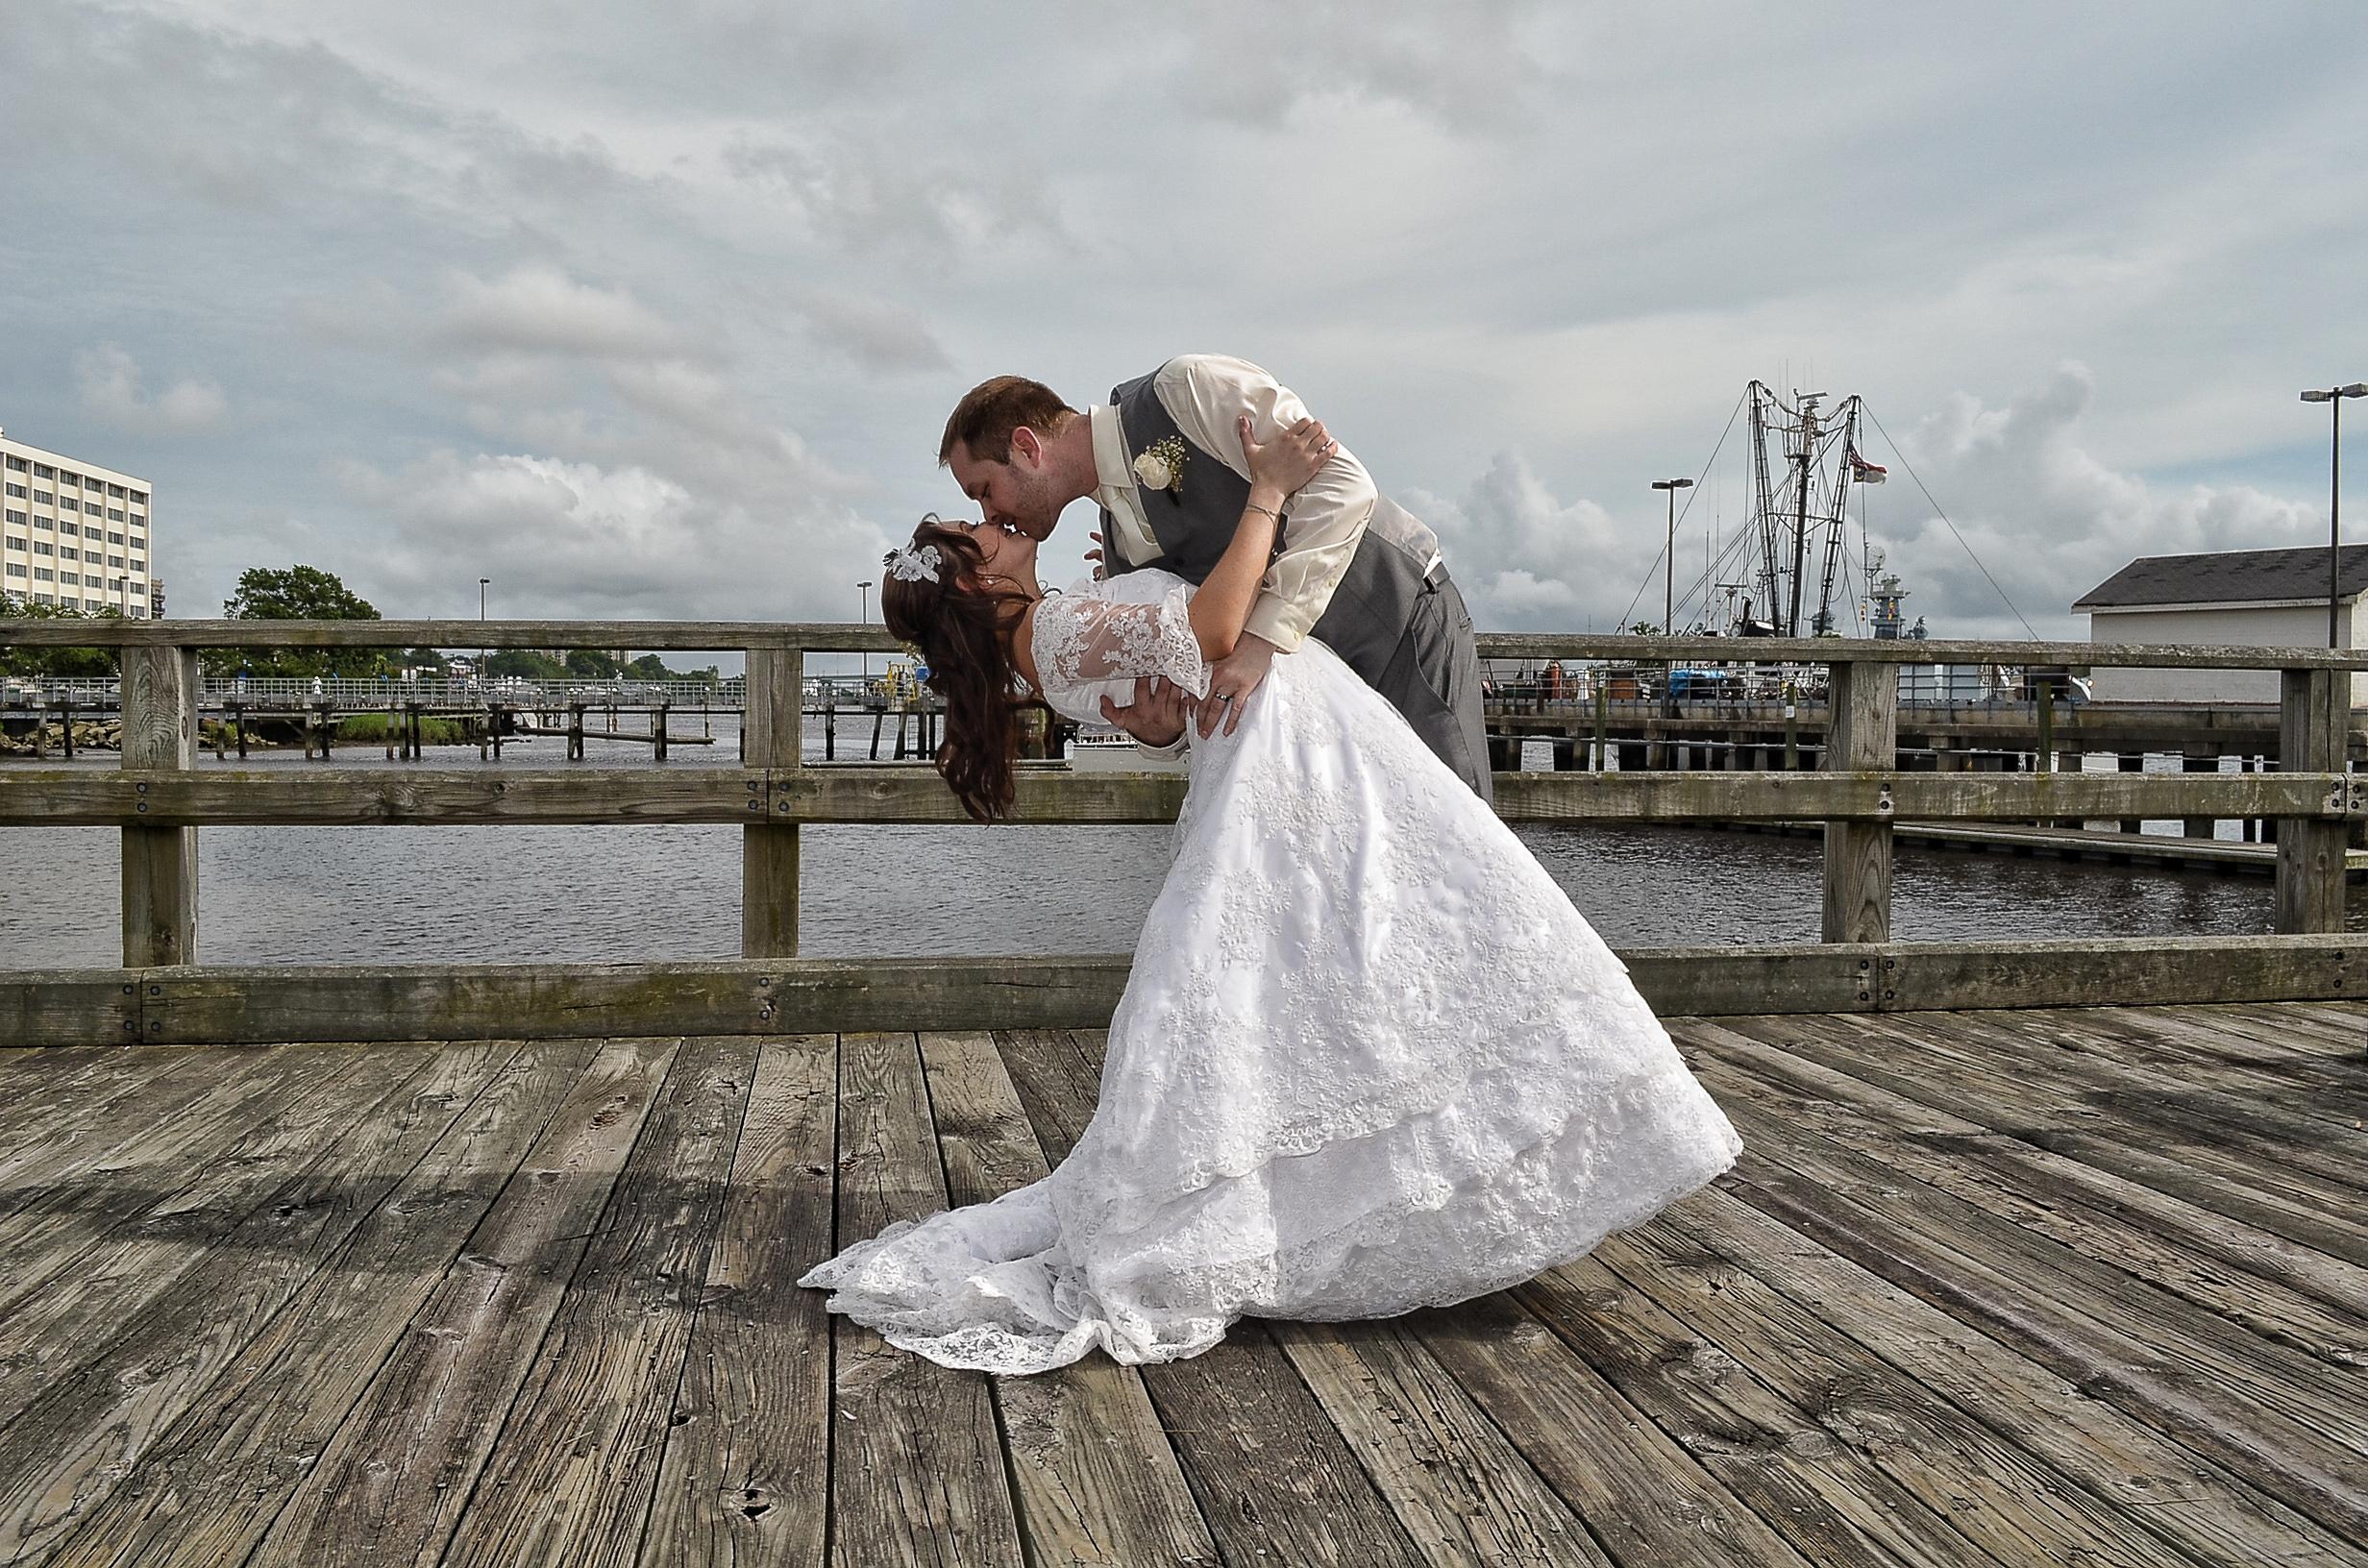 Groom dipping bride.